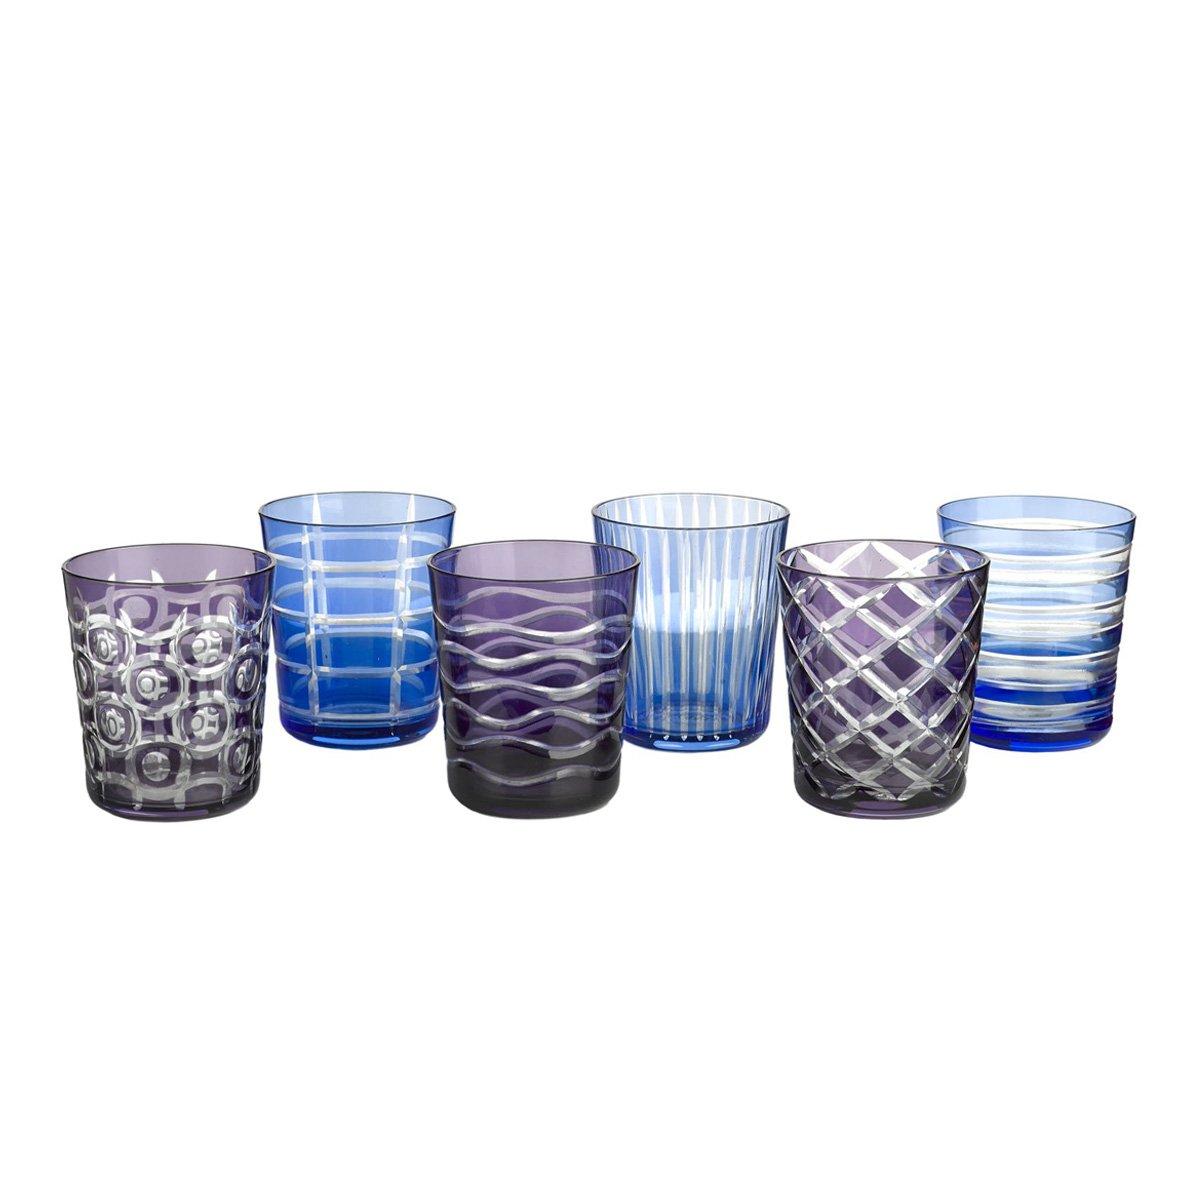 verres cristal bleu lot de 6